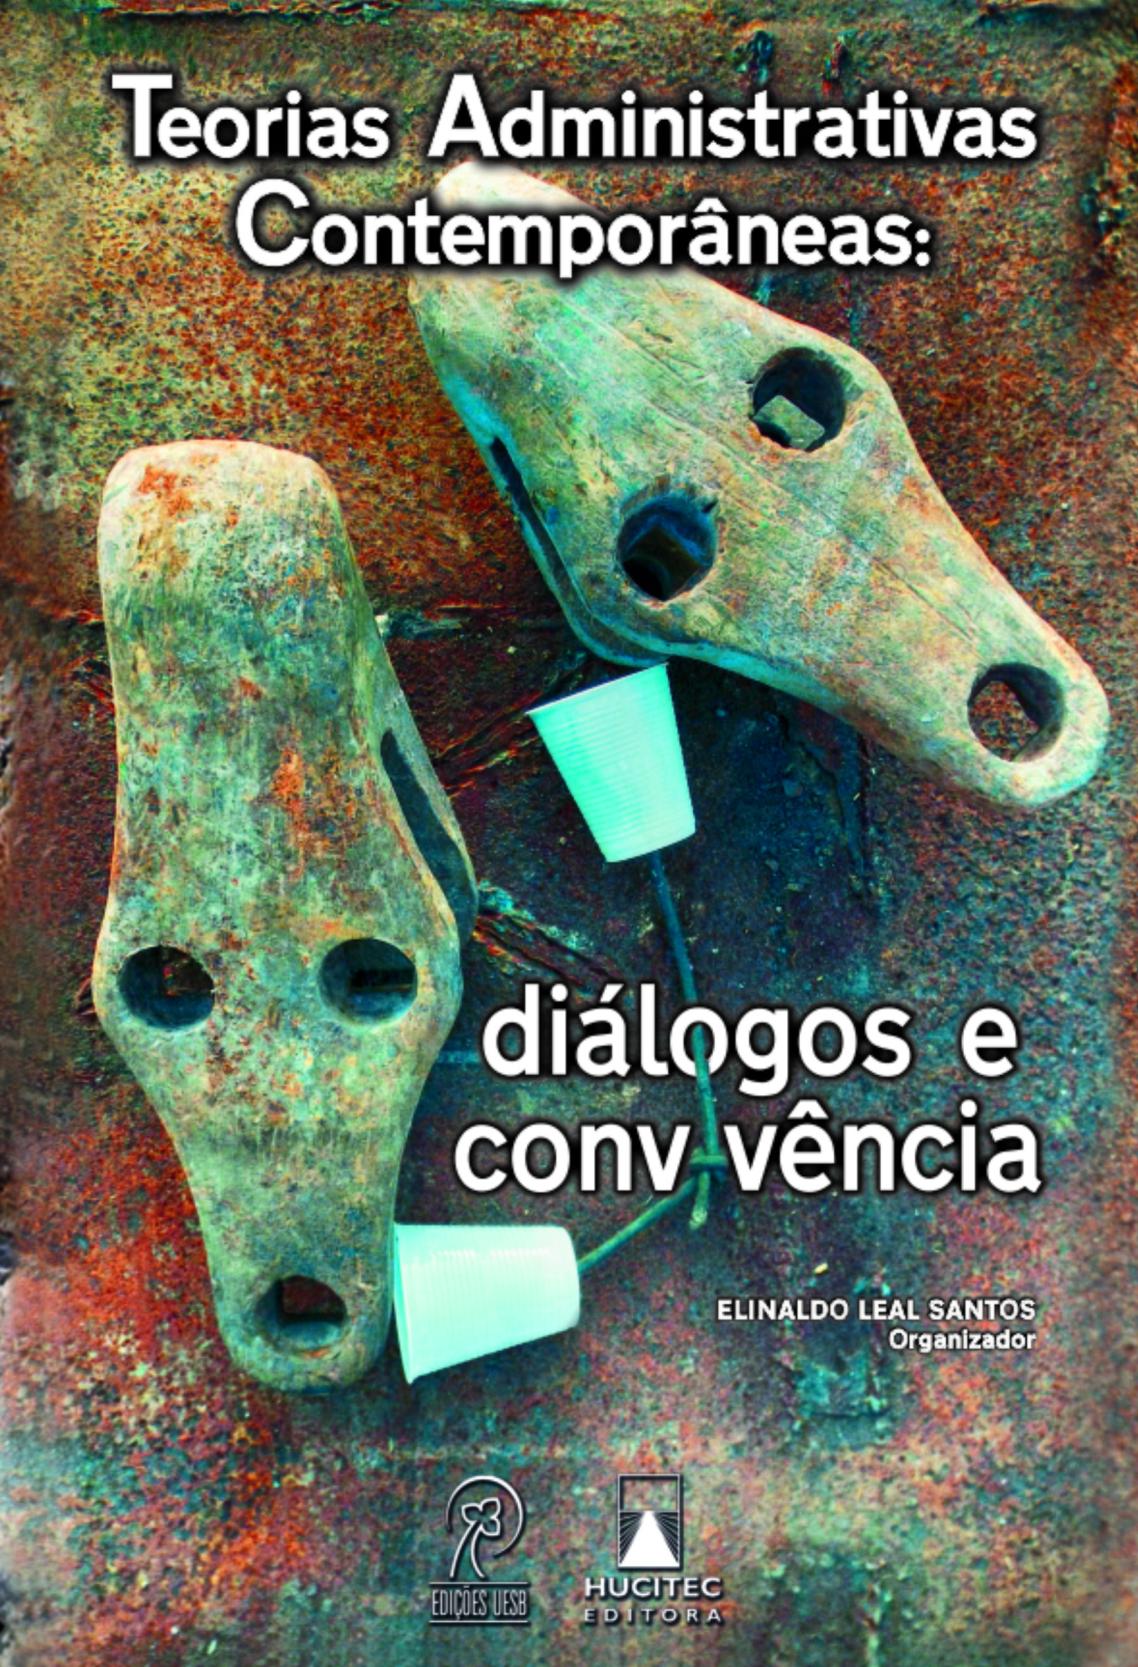 Teorias Administrativas Contemporâneas: diálogos e convivência